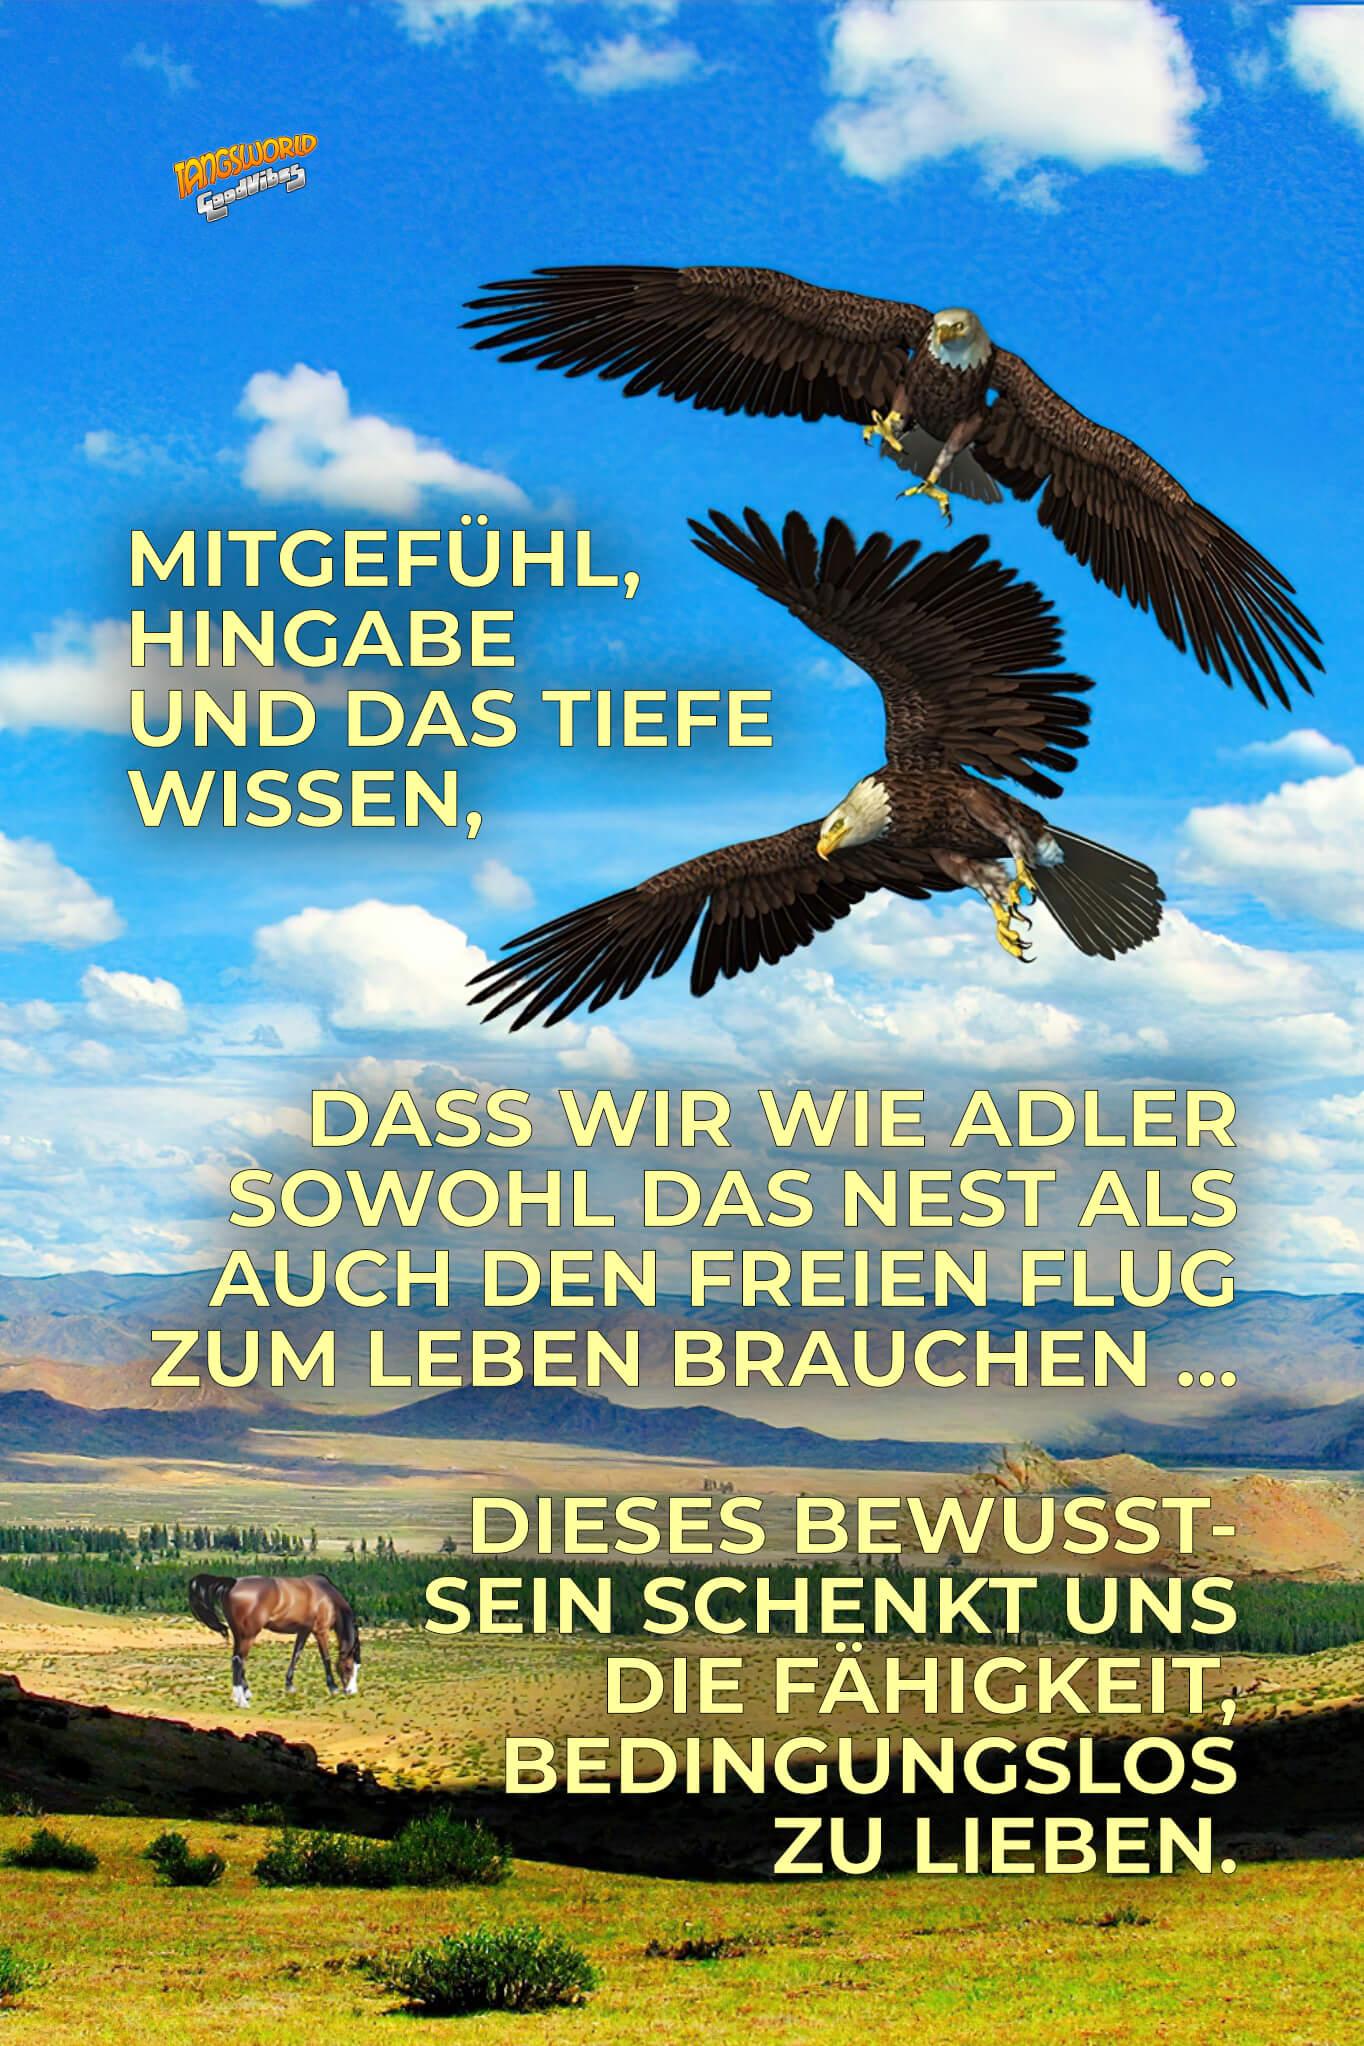 Mitgefühl, Hingabe und das tiefe Wissen, dass wir wie Adler sowohl das Nest als auch den freien Flug zum Leben brauchen … dieses Bewusstsein schenkt uns die Fähigkeit, bedingungslos zu lieben. - GoodVibes